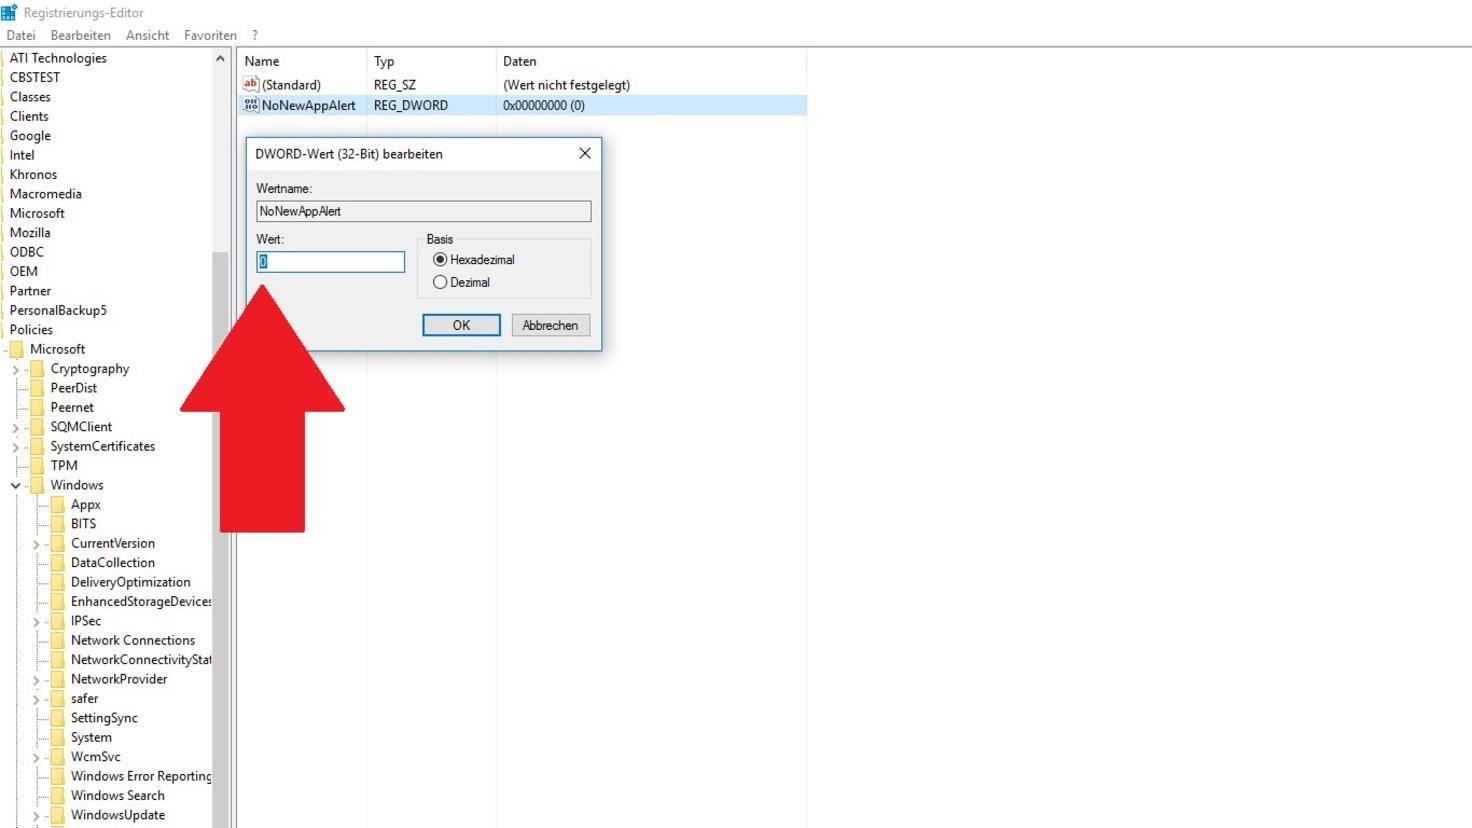 Windows 10 Benachrichtigungen Registry